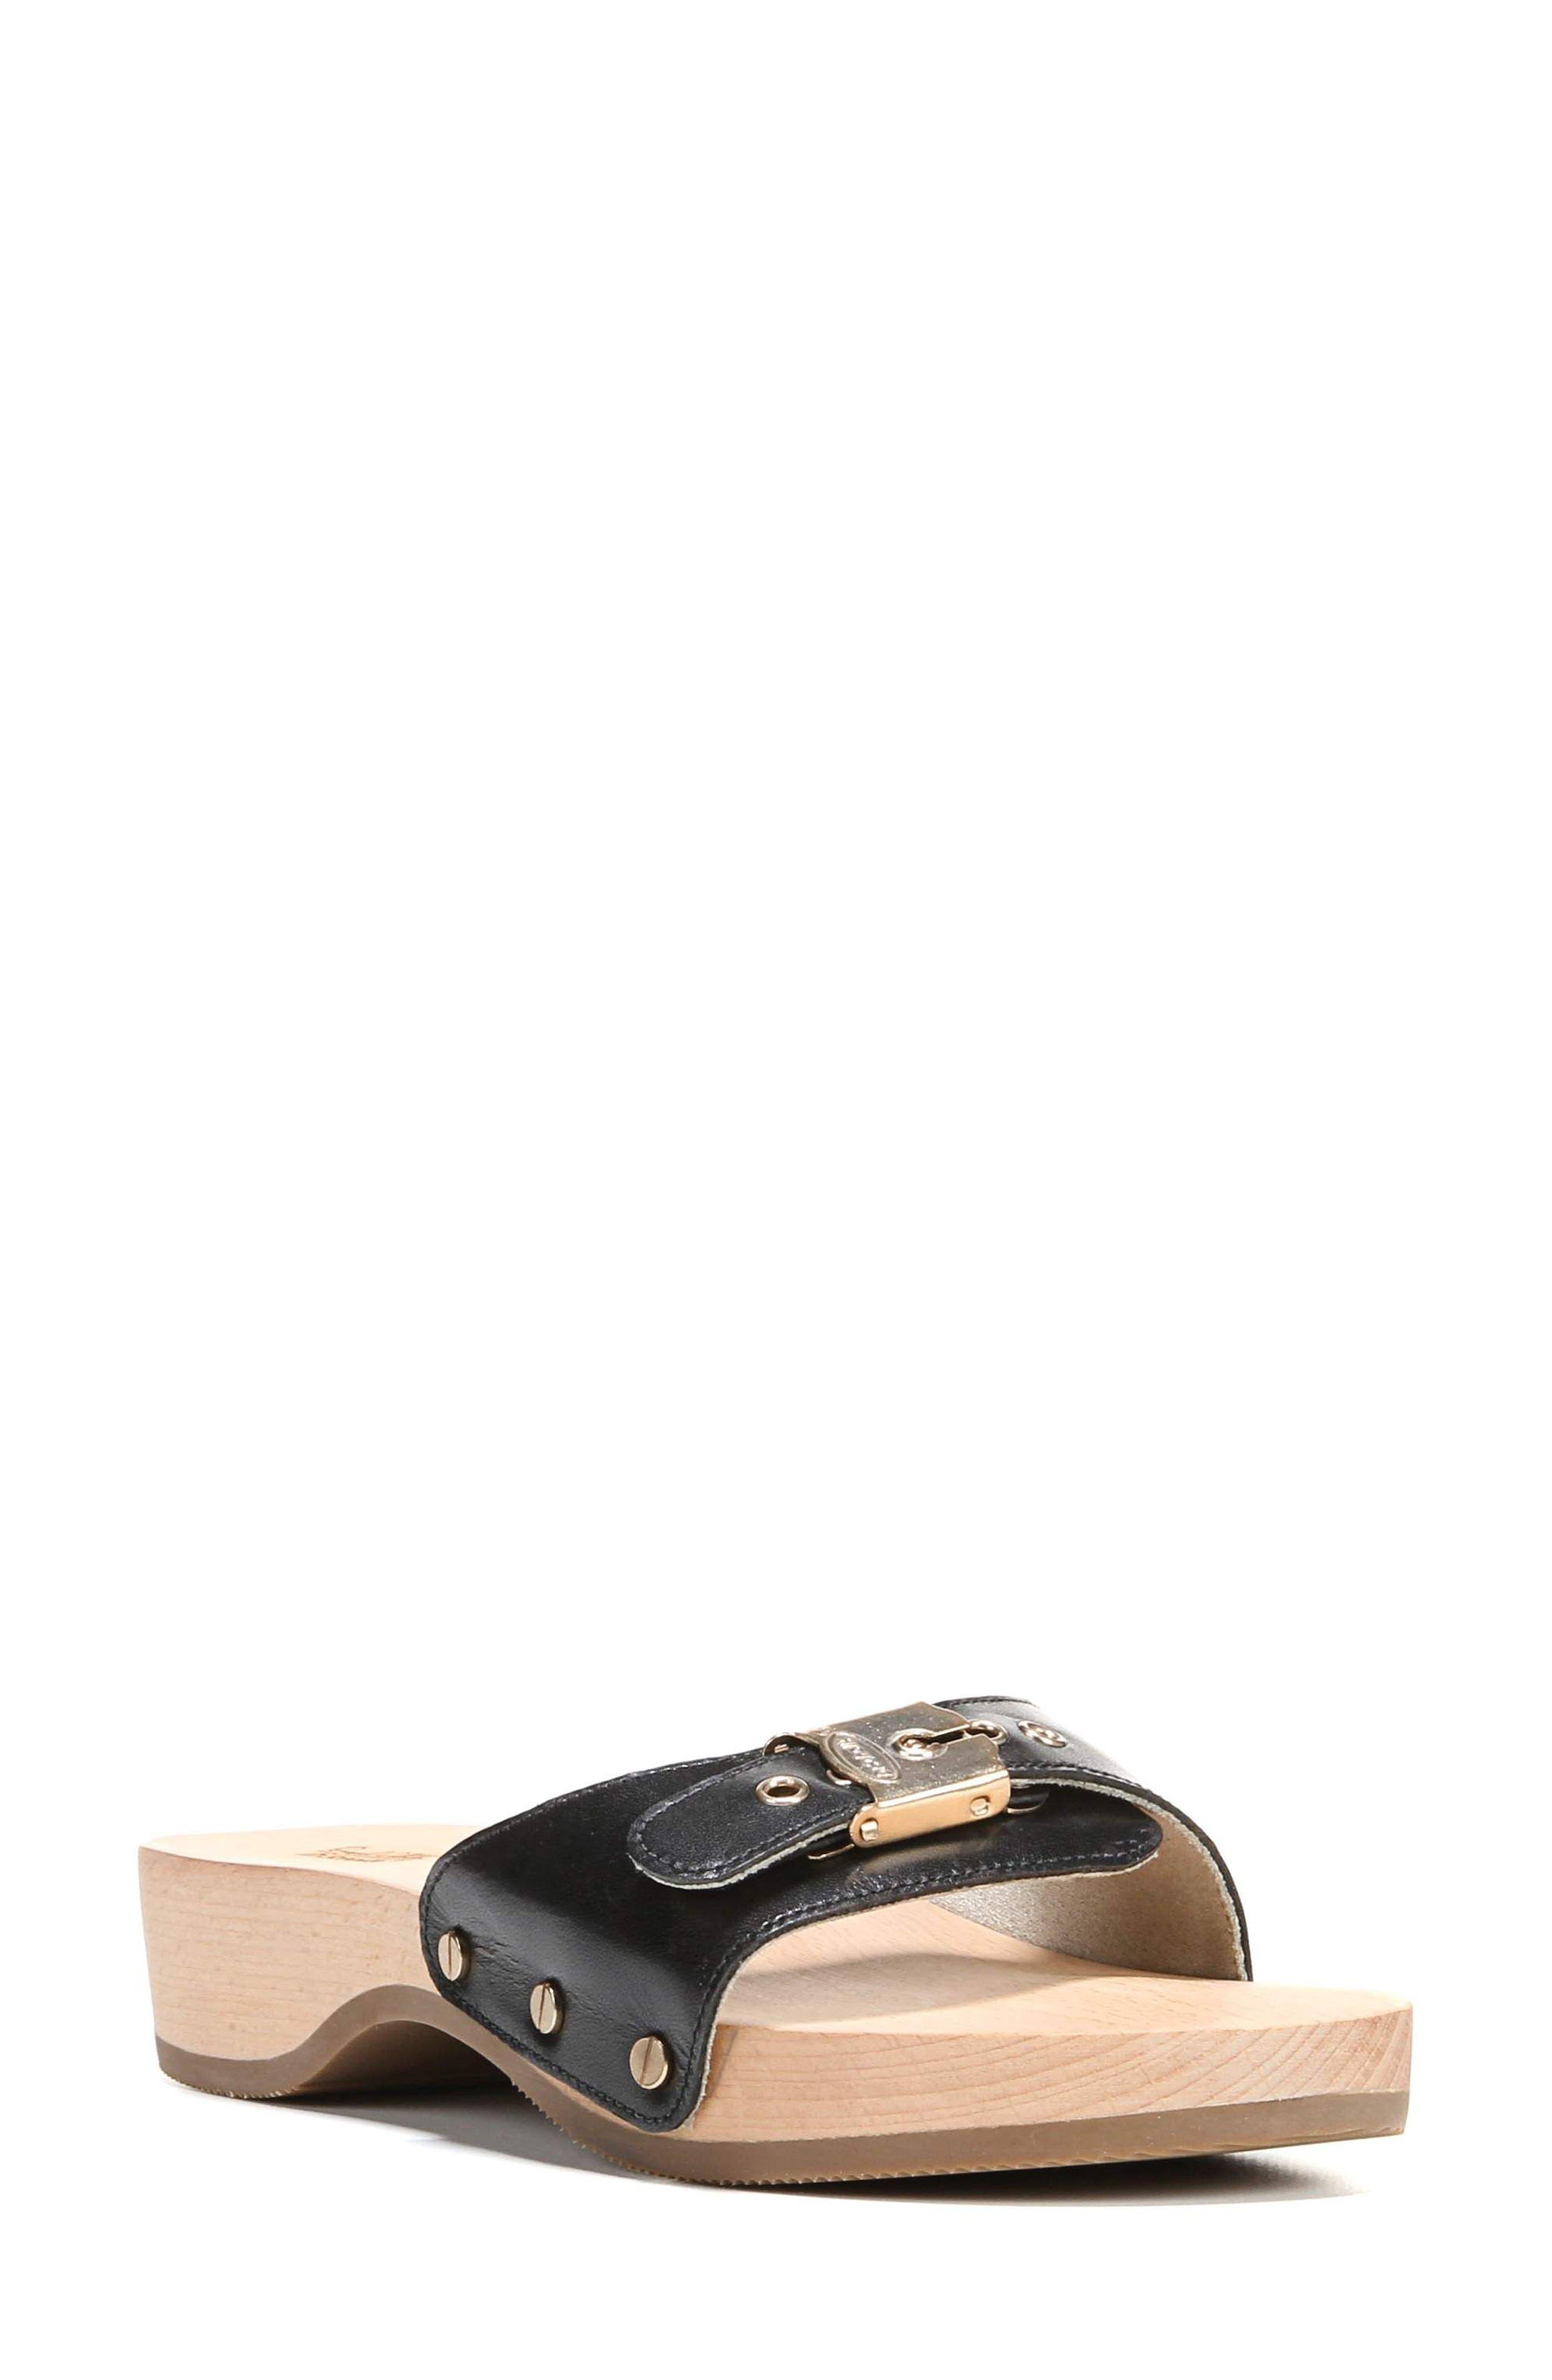 Original Collection Sandal,                         Main,                         color, BLACK